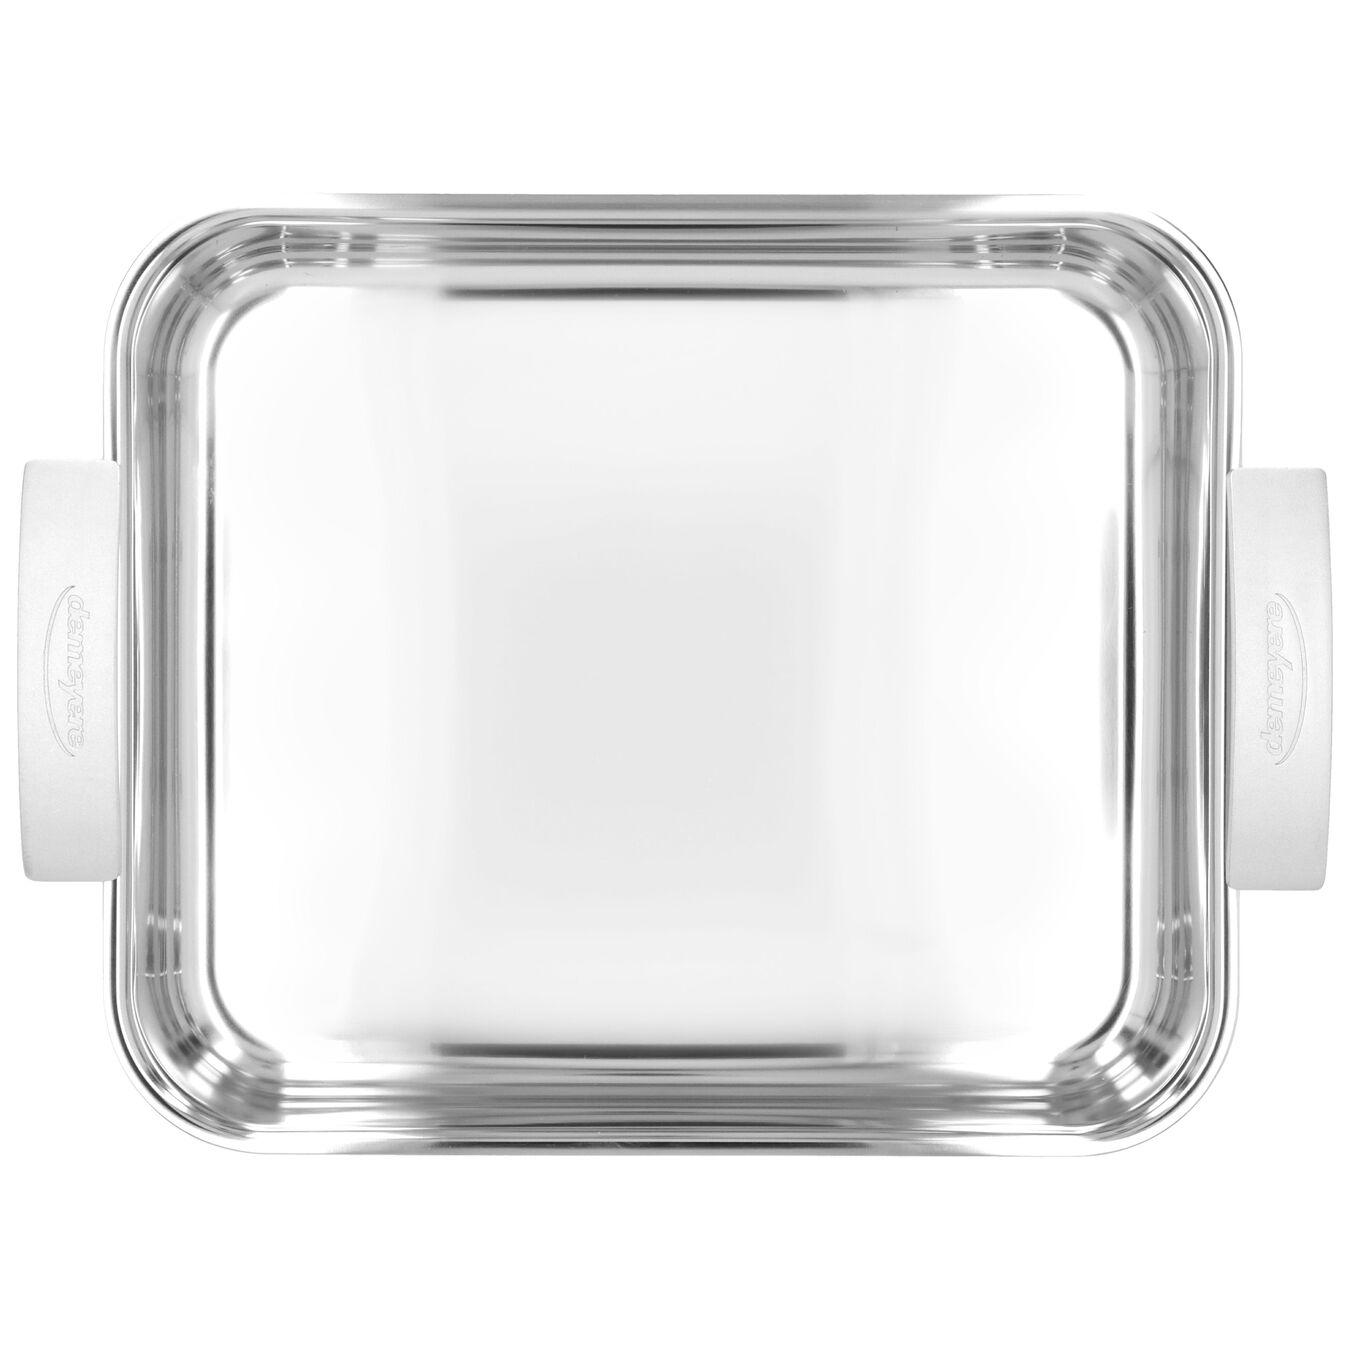 Cuocipollo con griglia - 40 cm, argento,,large 3